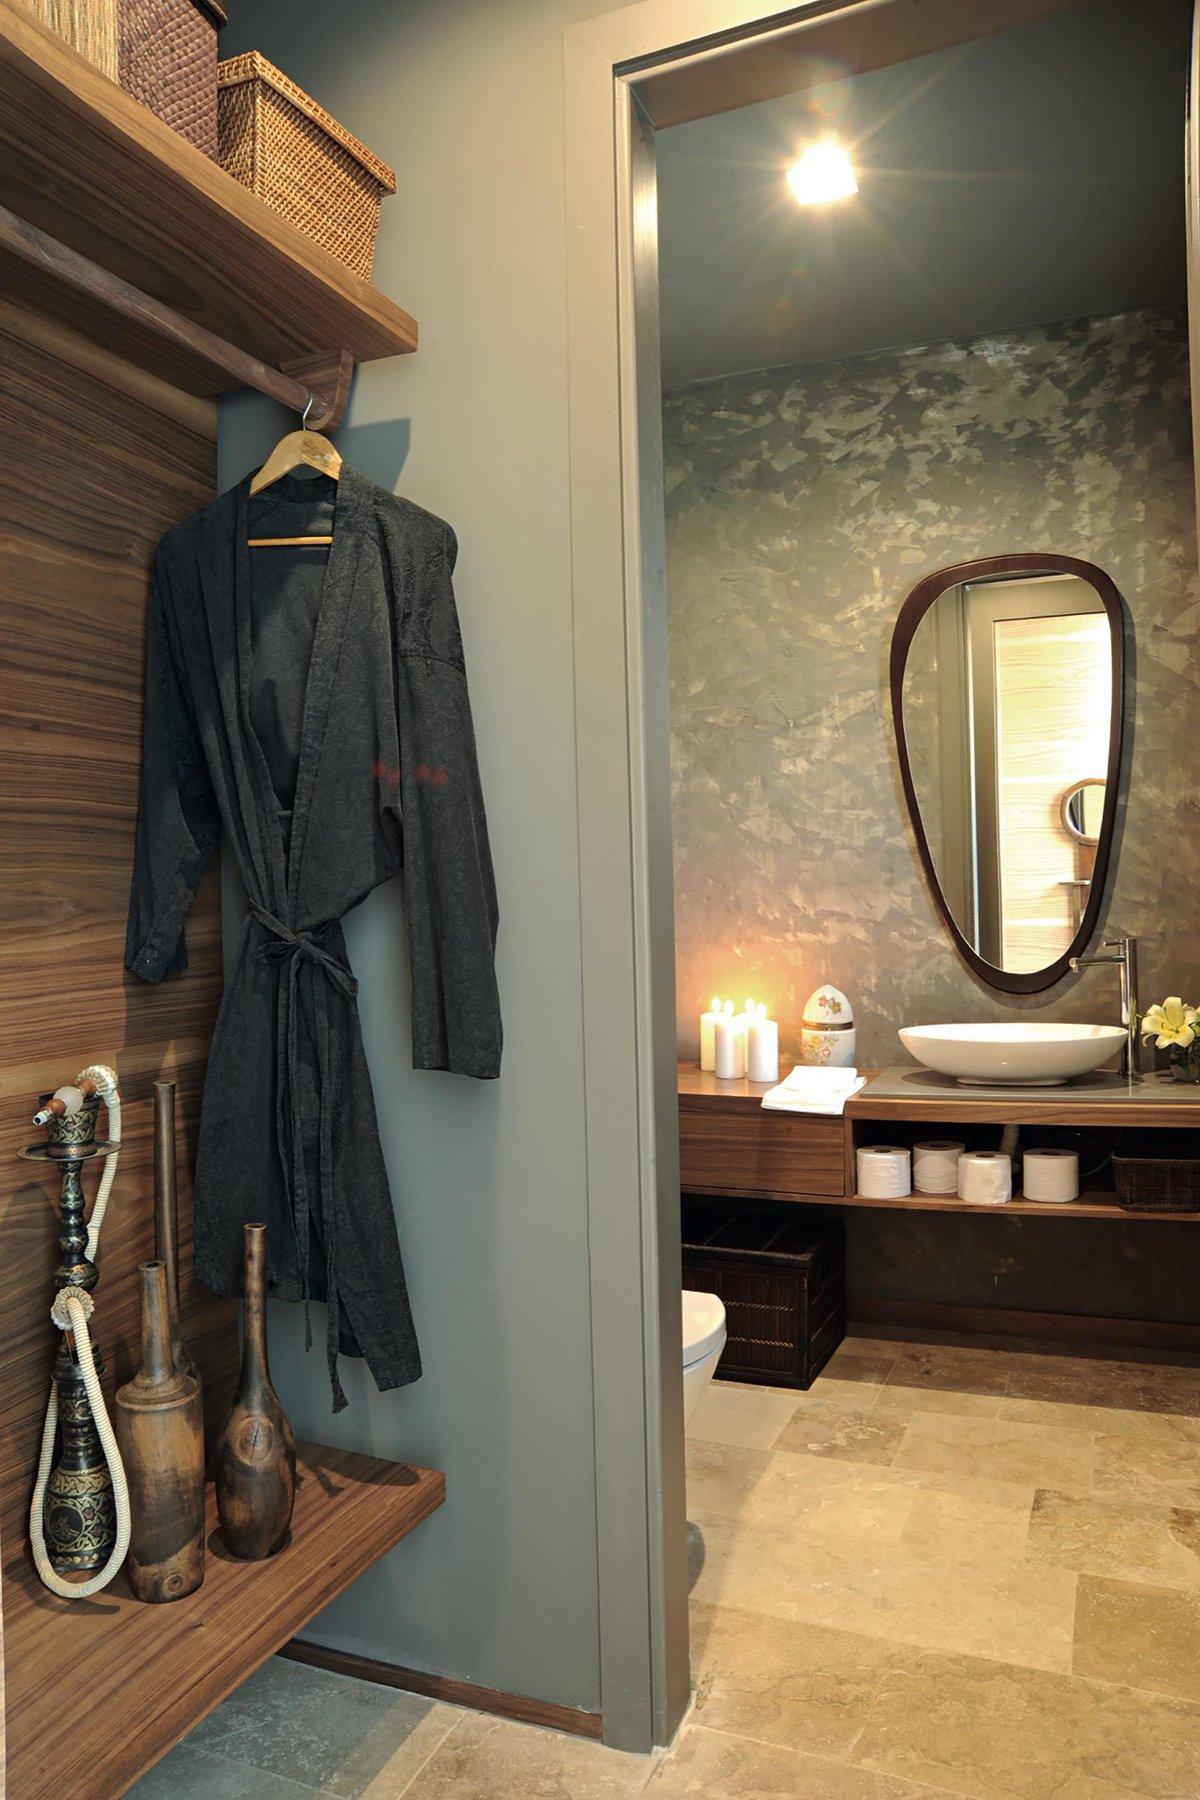 Cómo jugar con texturas en los ambientes del hogar - Infobae